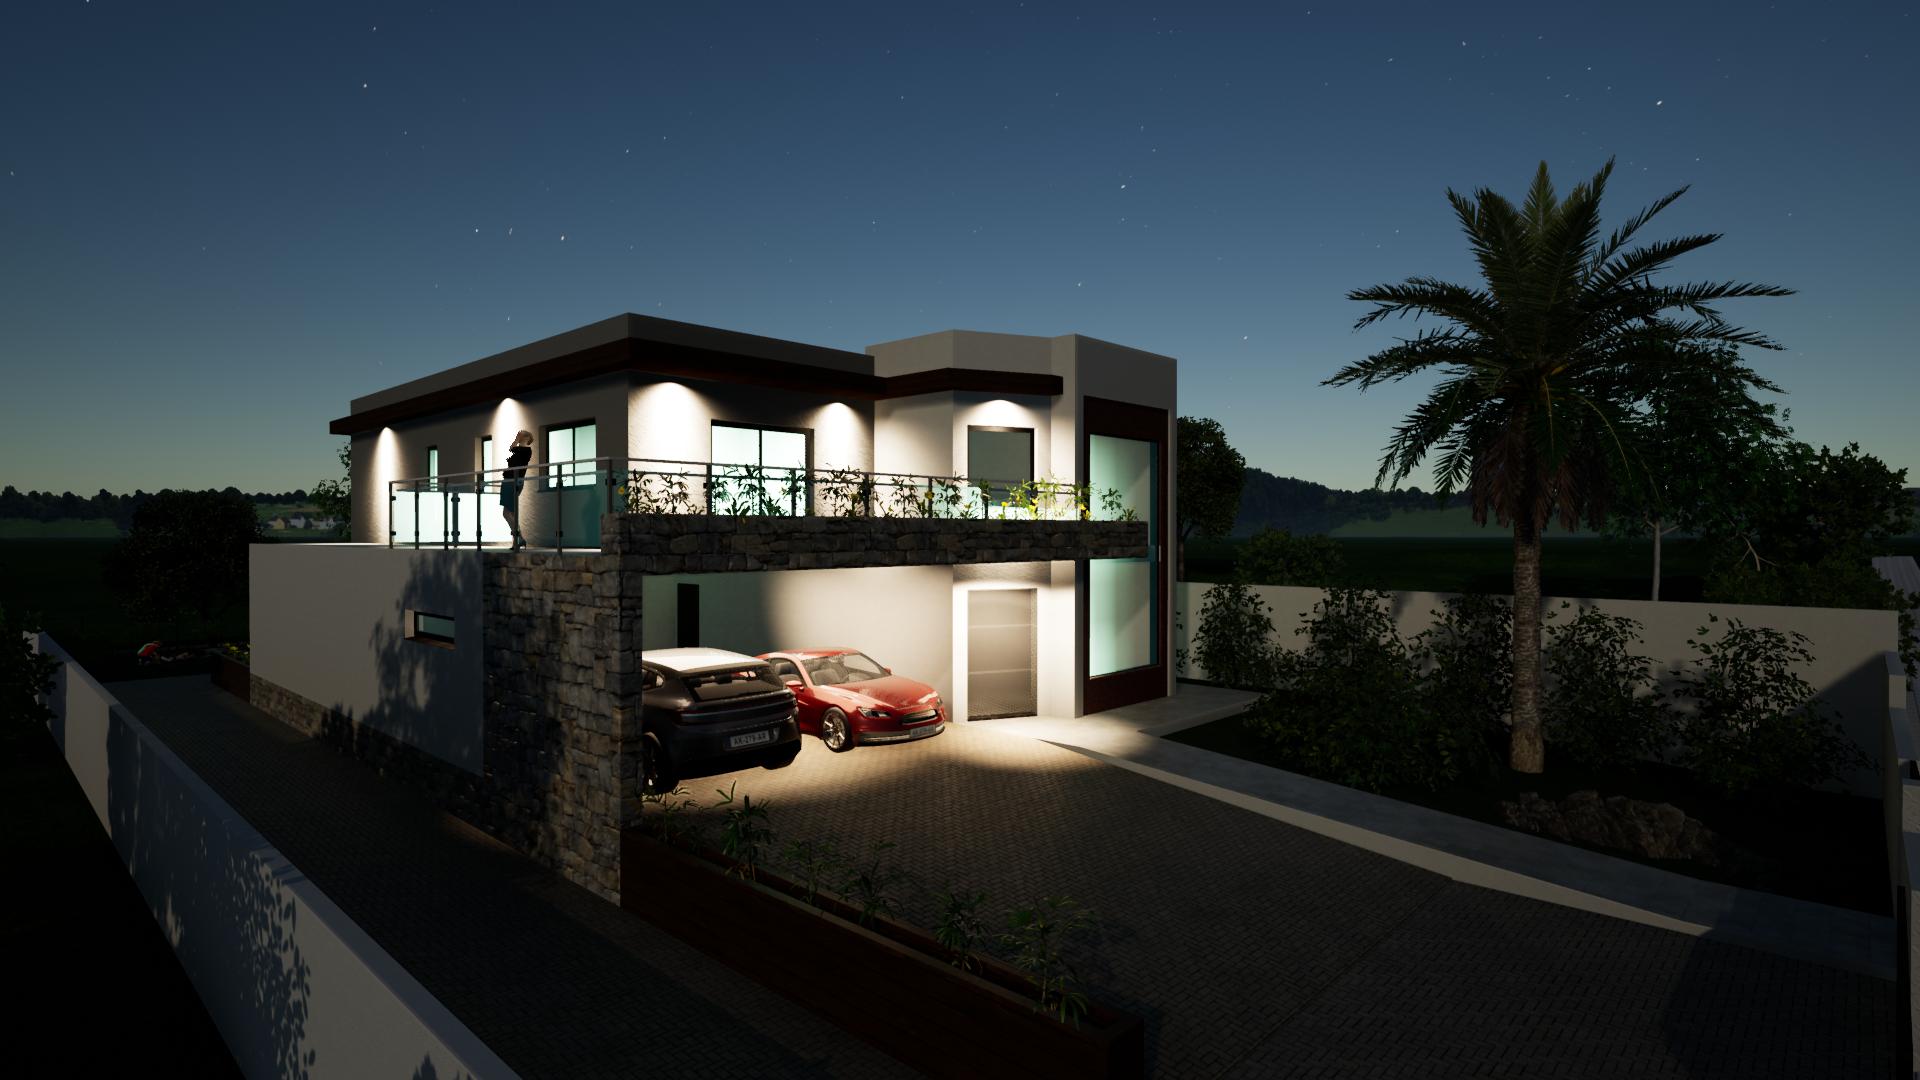 Projeto_Casas_do_Ribeiro_GrupoPsantos (12)